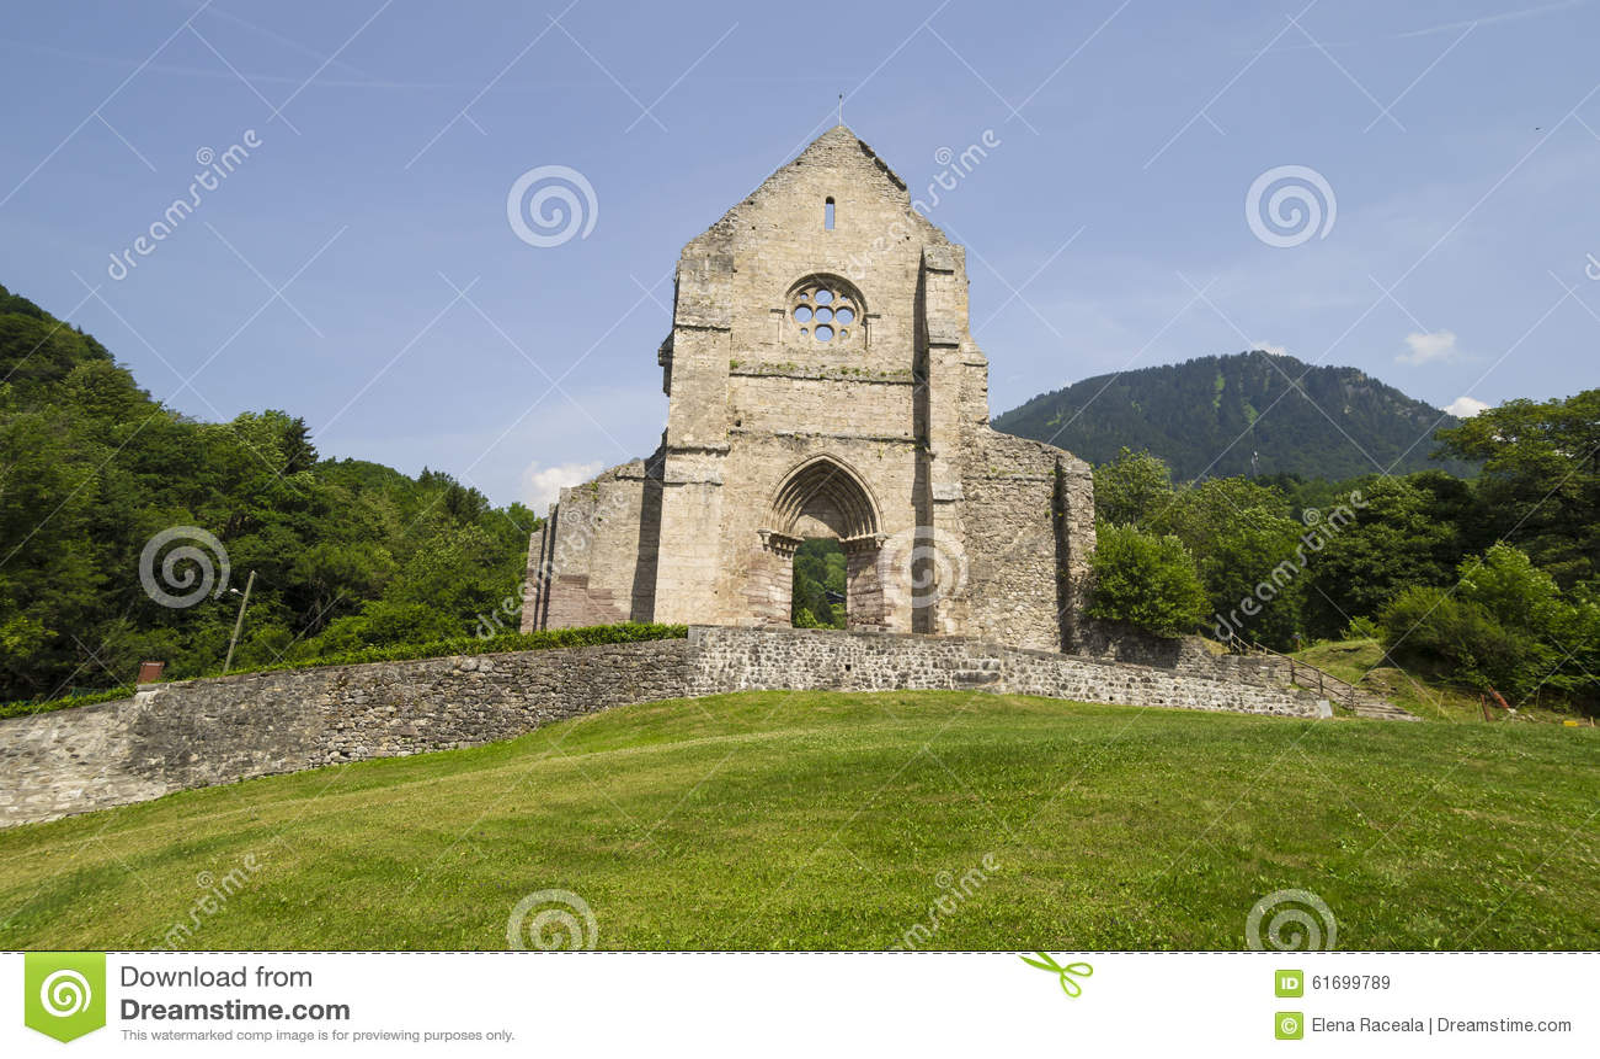 Abtei von Heilig-Jean-d Aulps, Frankreich